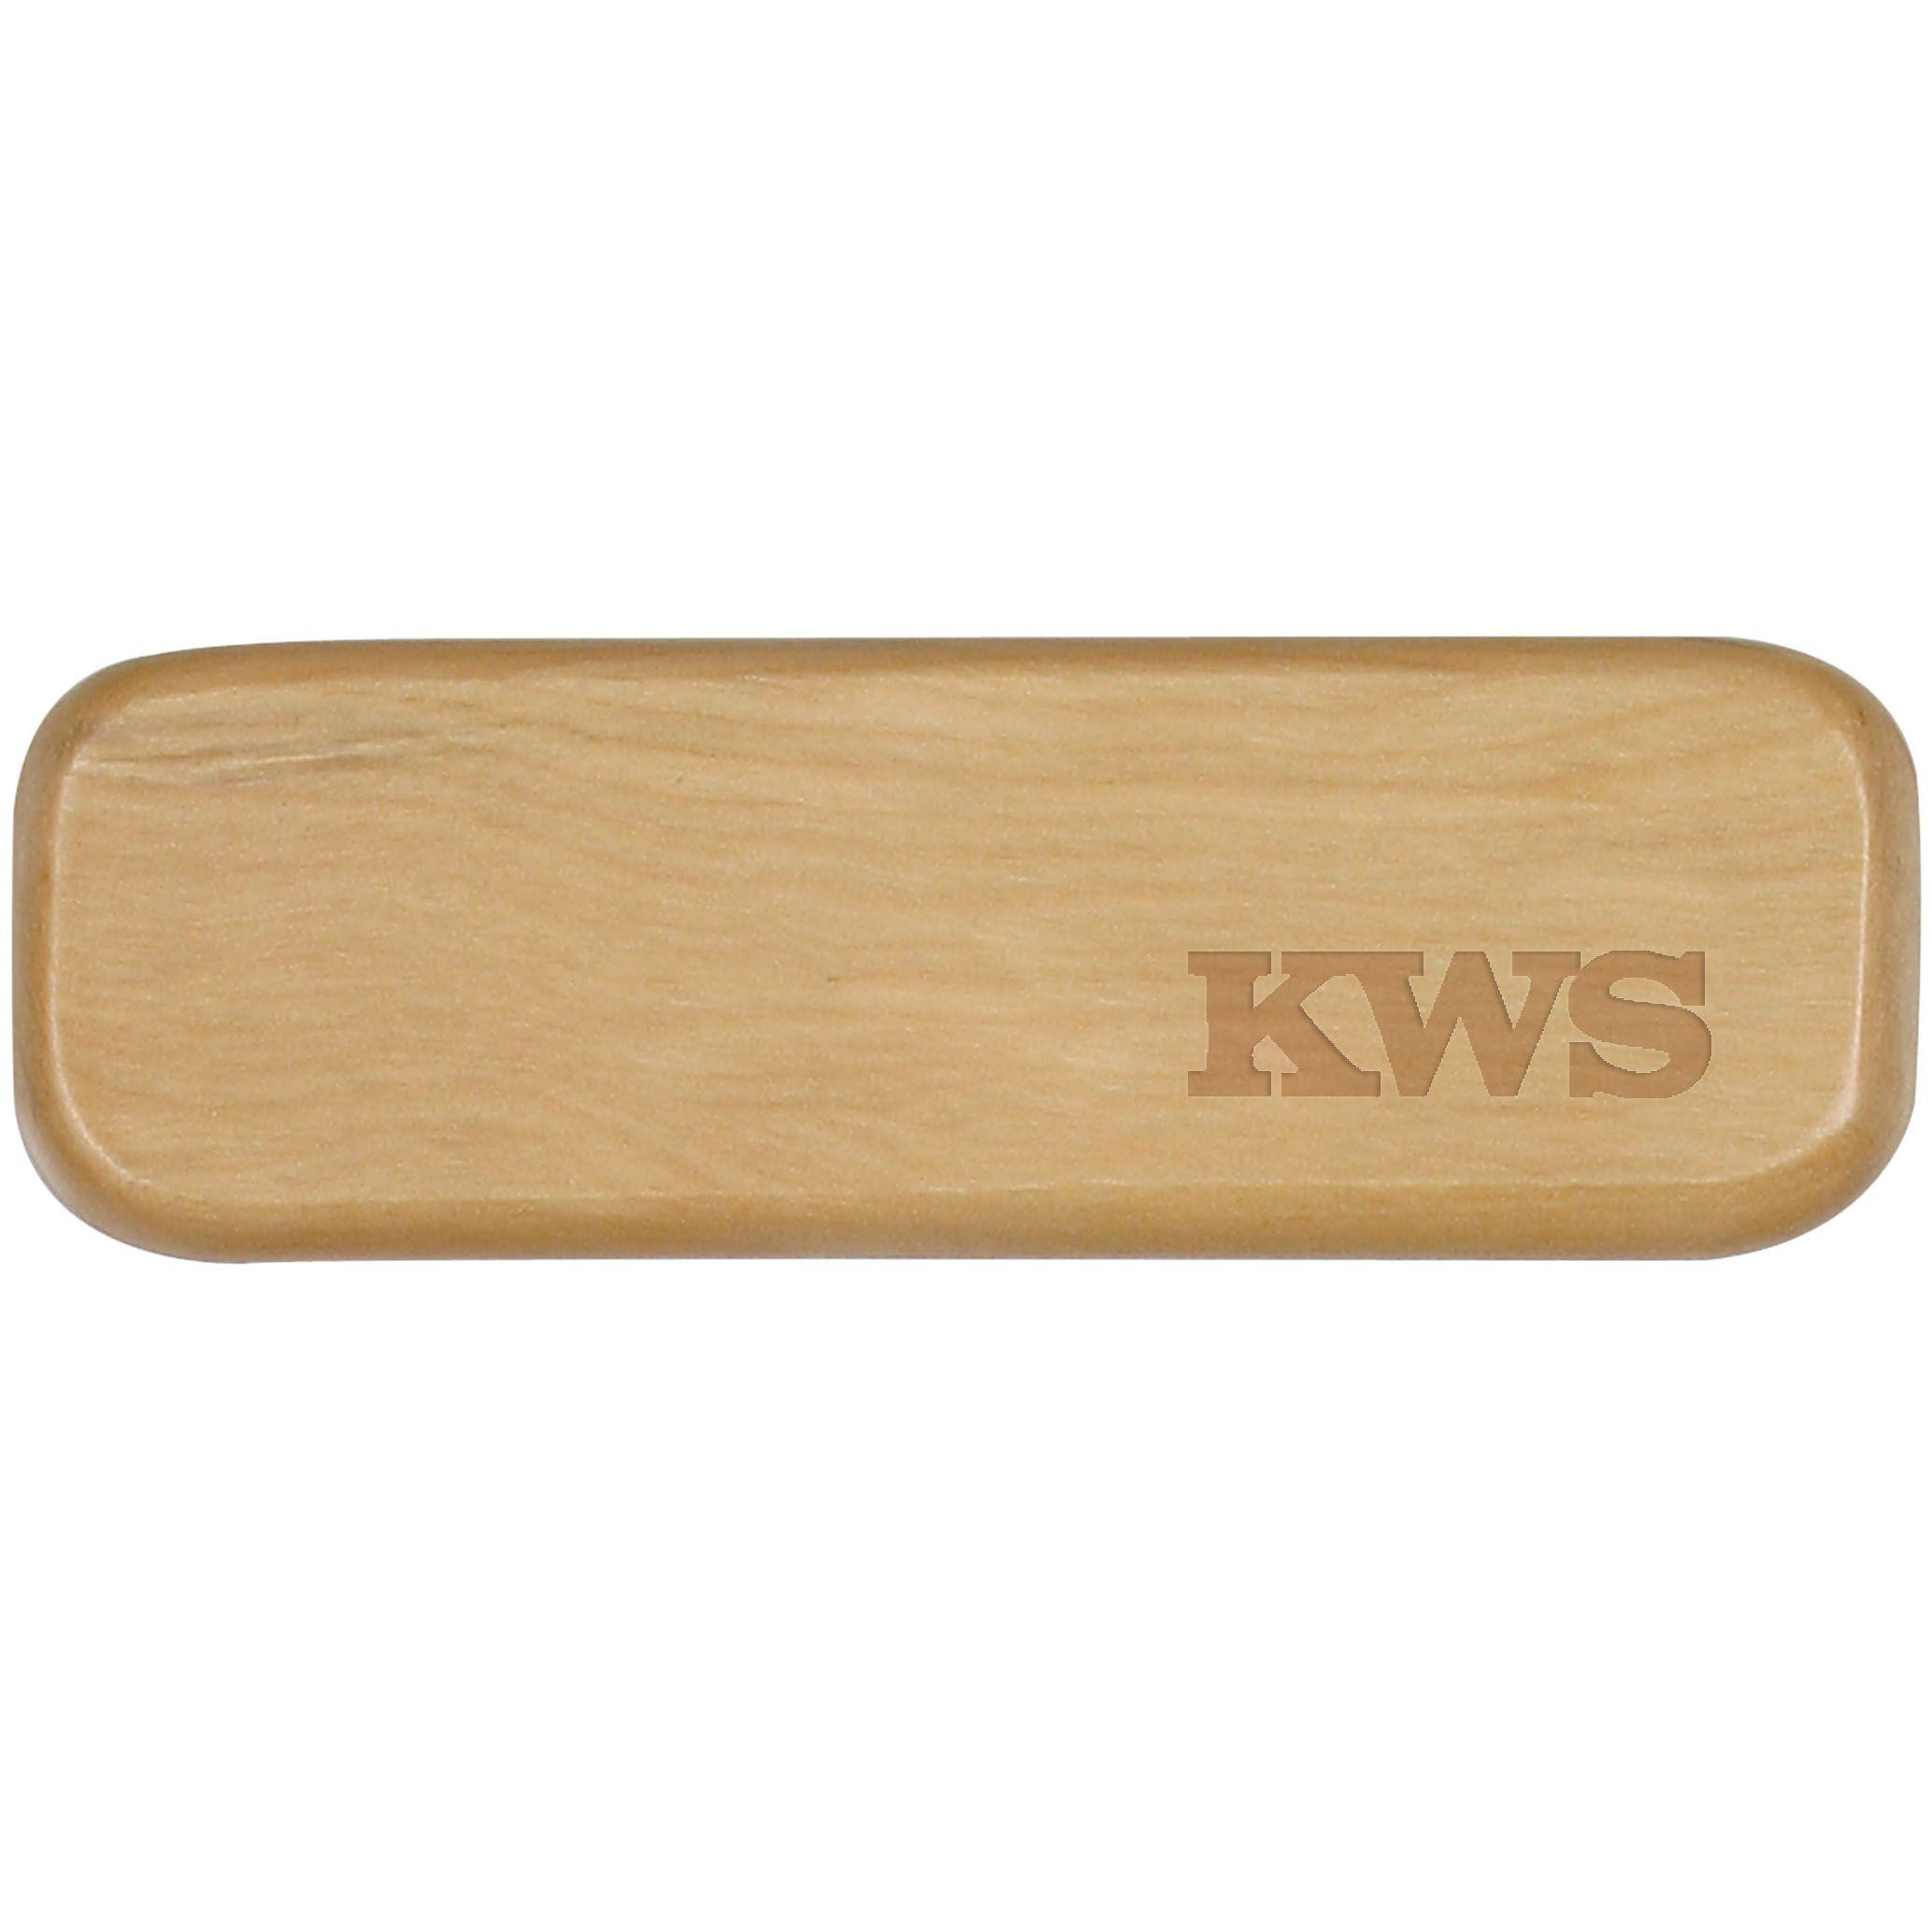 Cadeau d'entreprise - Parure bois stylo Bille publicitaire et Roller Wood - bois foncé